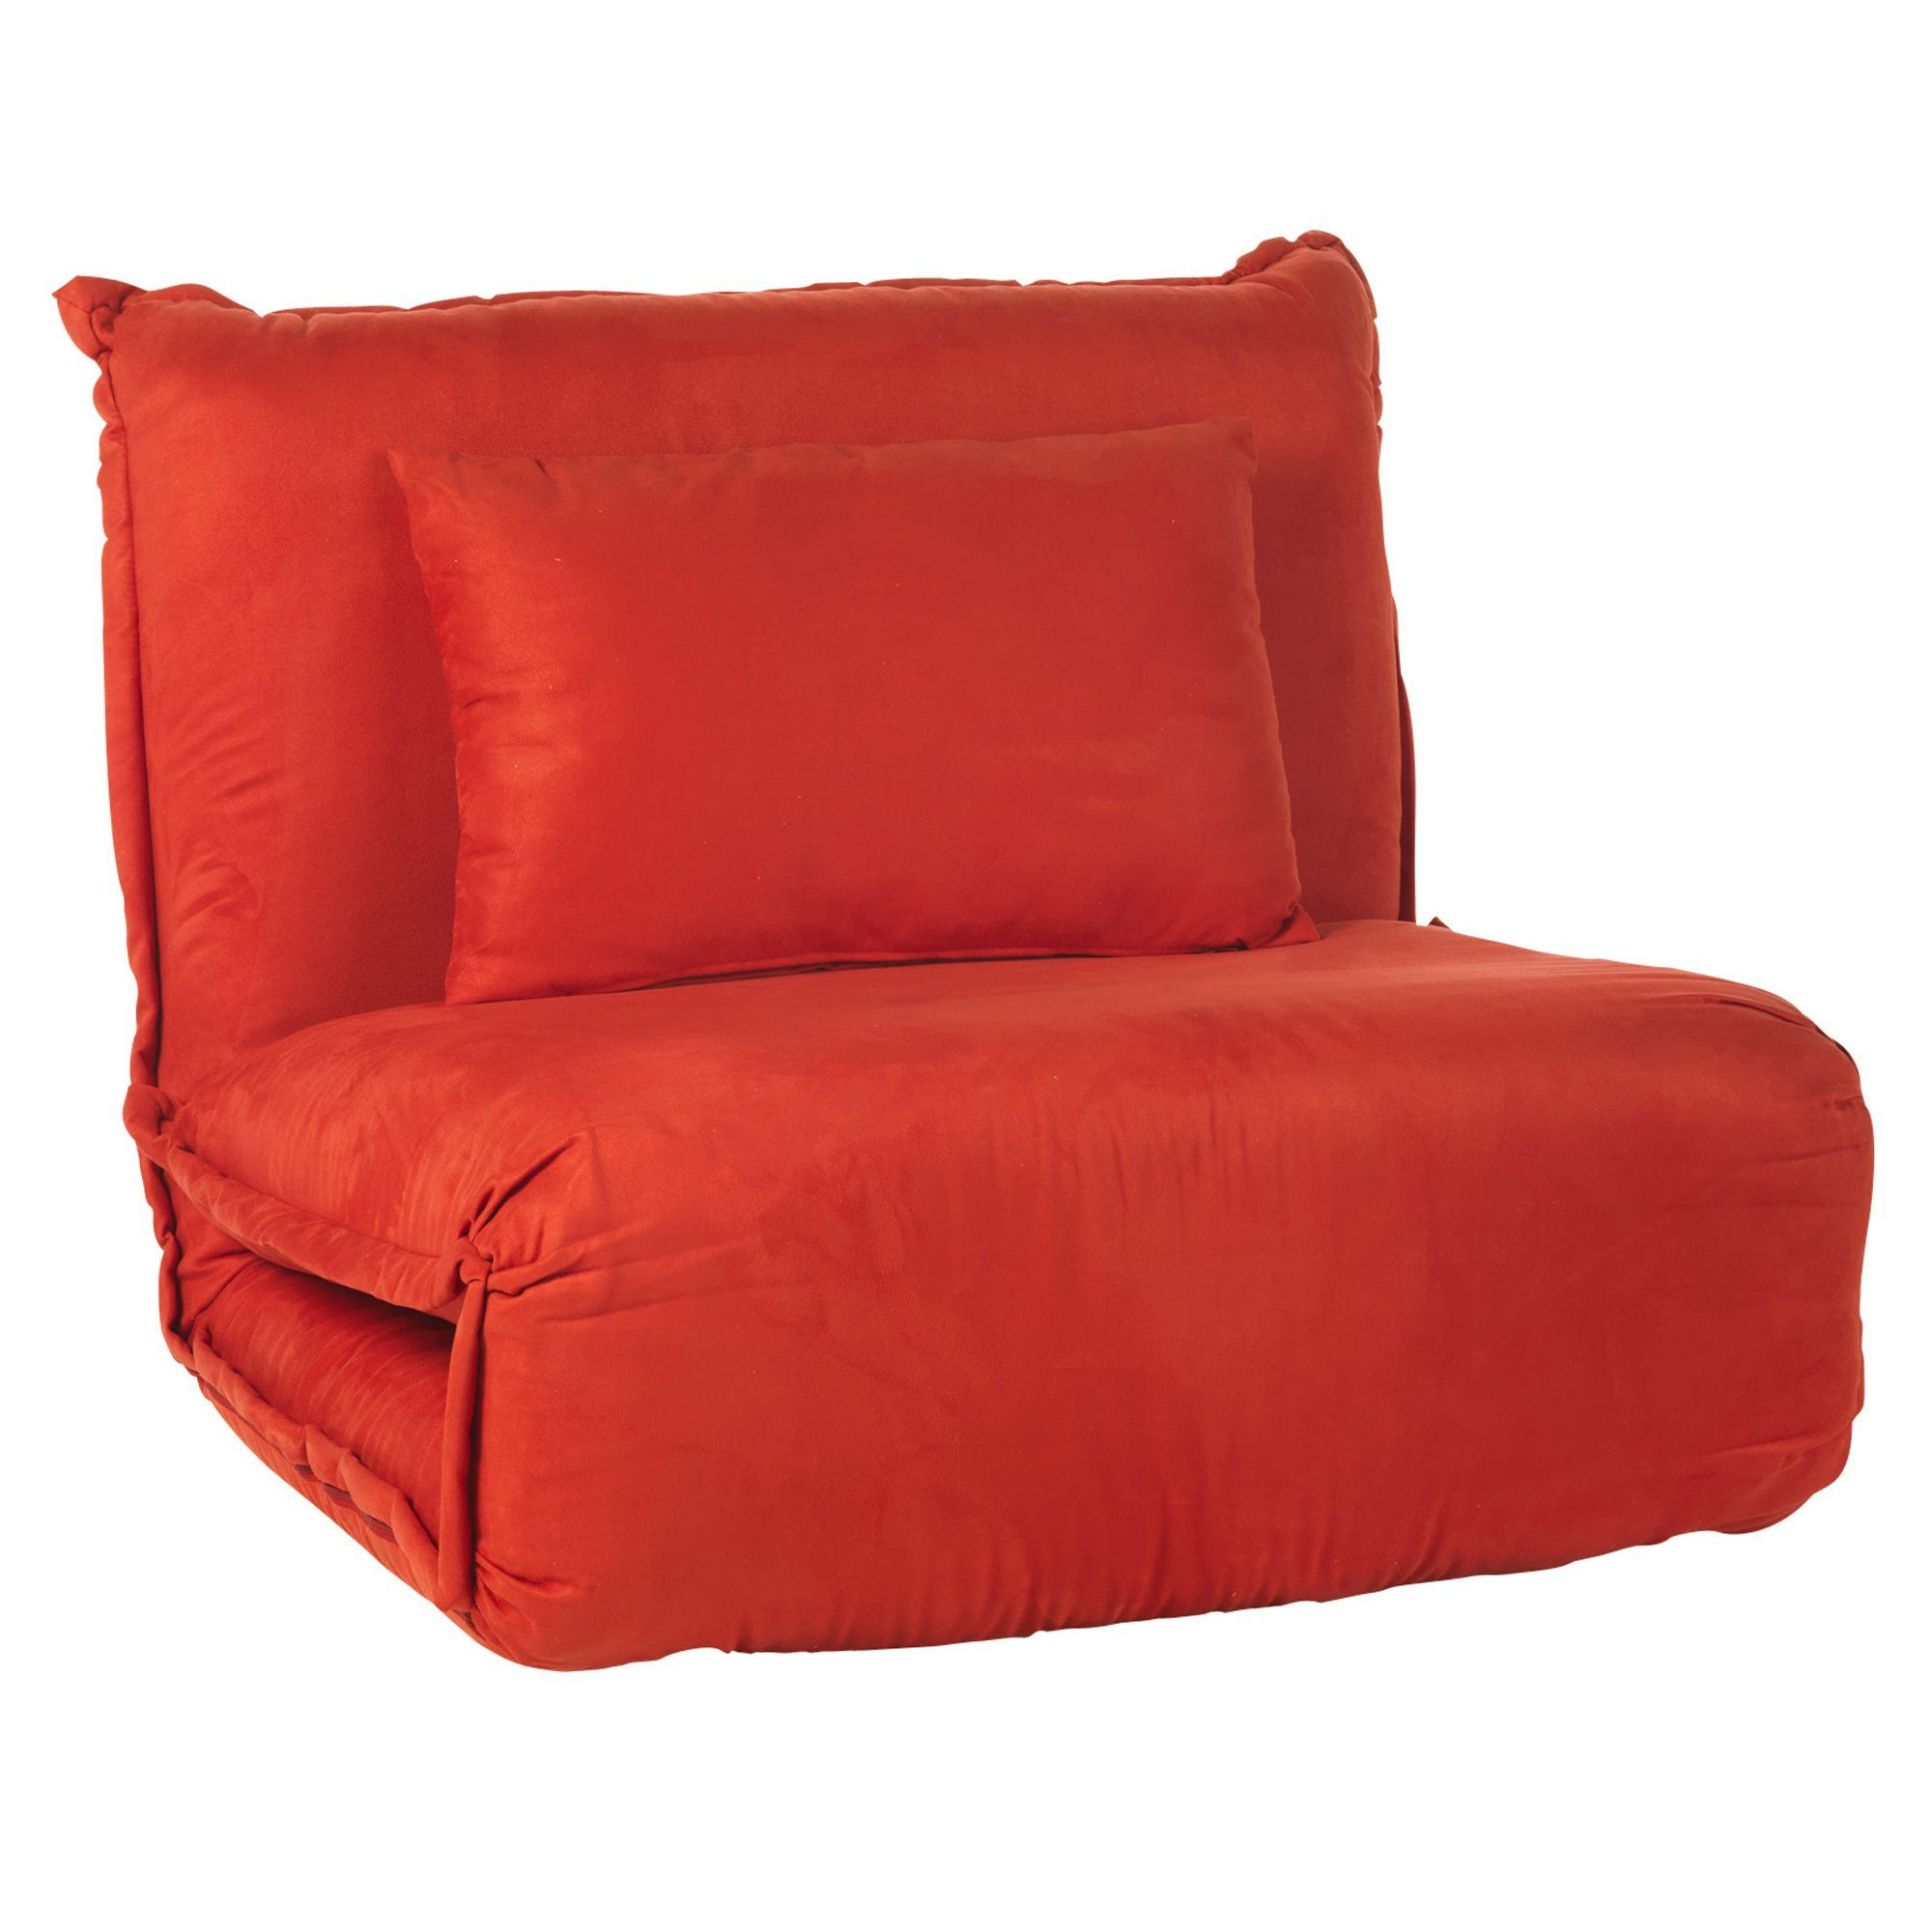 fauteuil convertible rouge rouge dodo fauteuils fauteuils et poufs salon et salle. Black Bedroom Furniture Sets. Home Design Ideas